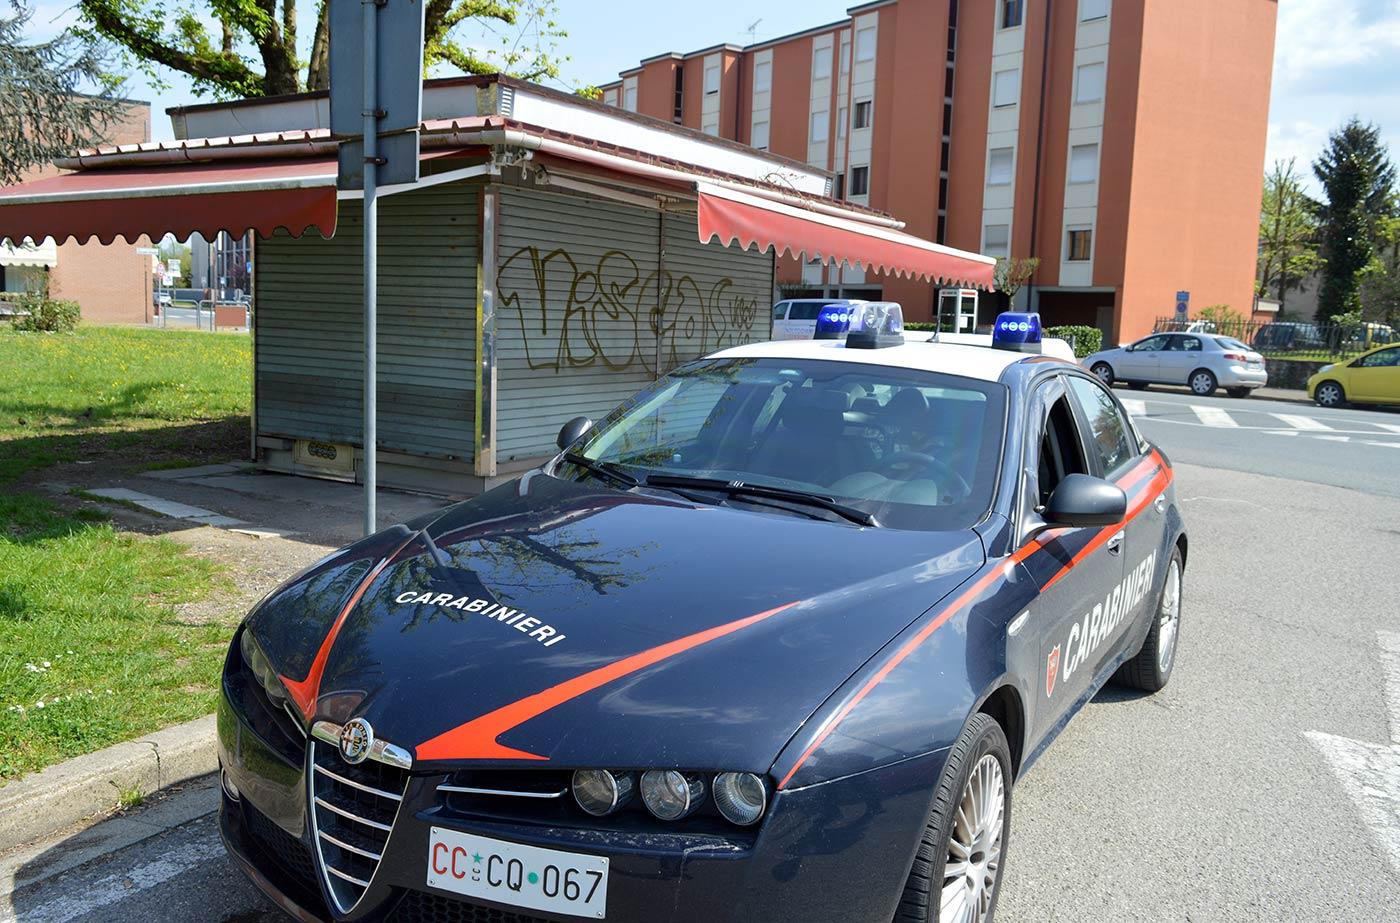 carabinieri-1-furto-edicola